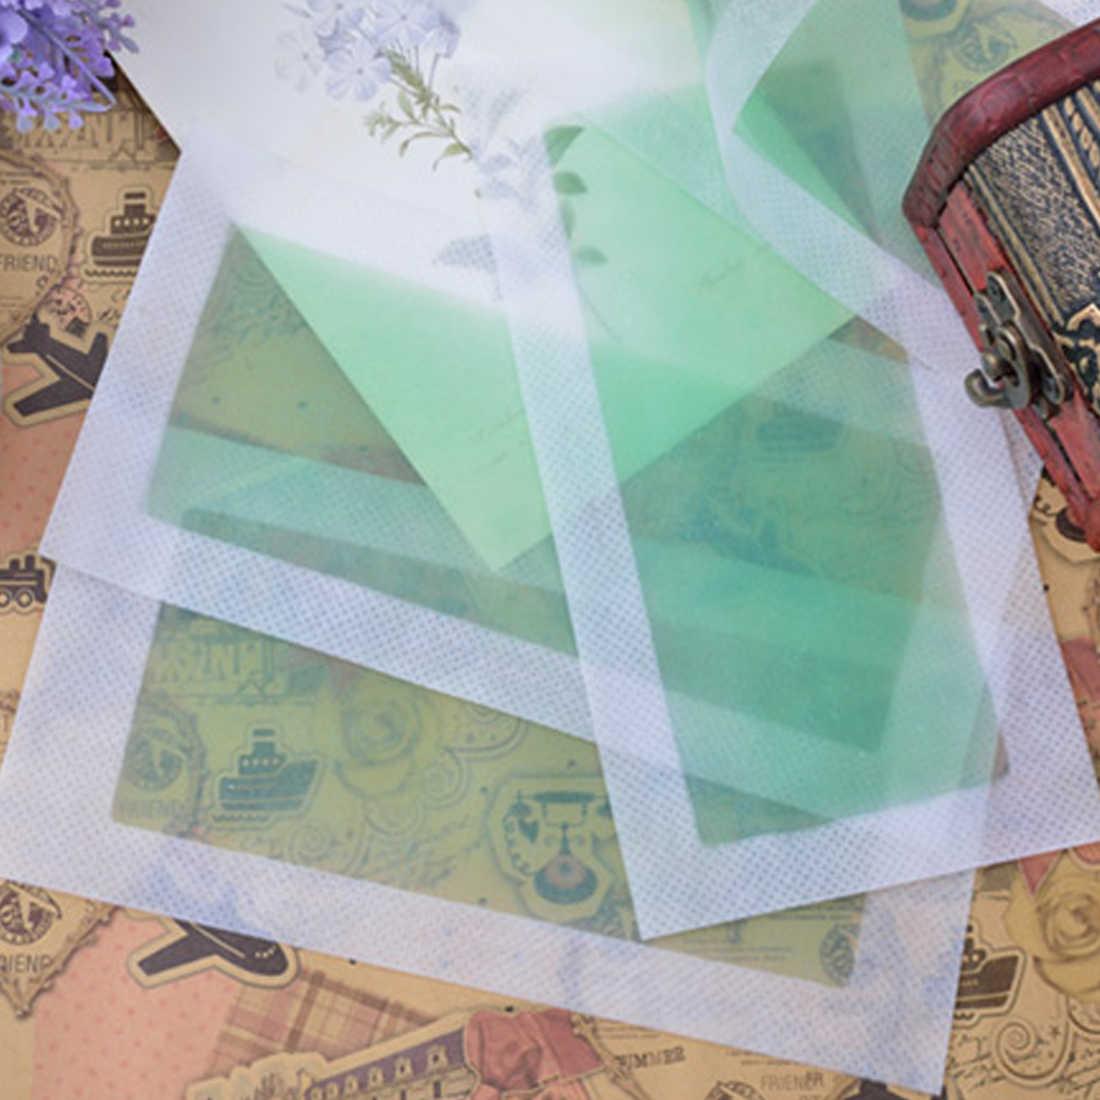 10 adet 5 yaprak Yeşil Epilasyon Çift Taraflı Soğuk balmumu şerit Kağıtları Bacak Vücut Yüz Ağda Nonwoven Tüy Dökücü Sökücü